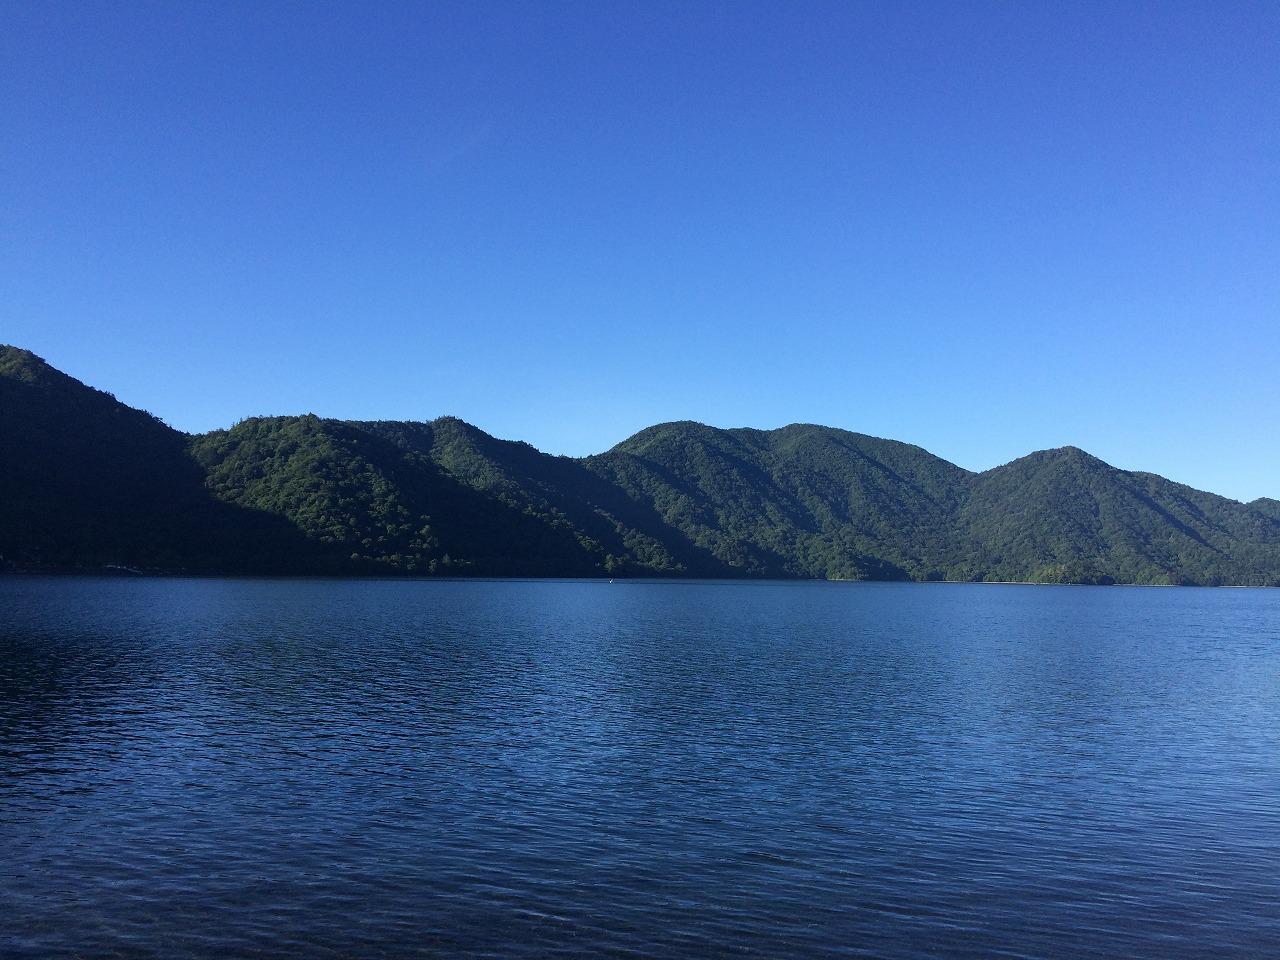 朝の中禅寺湖、登山口にて。